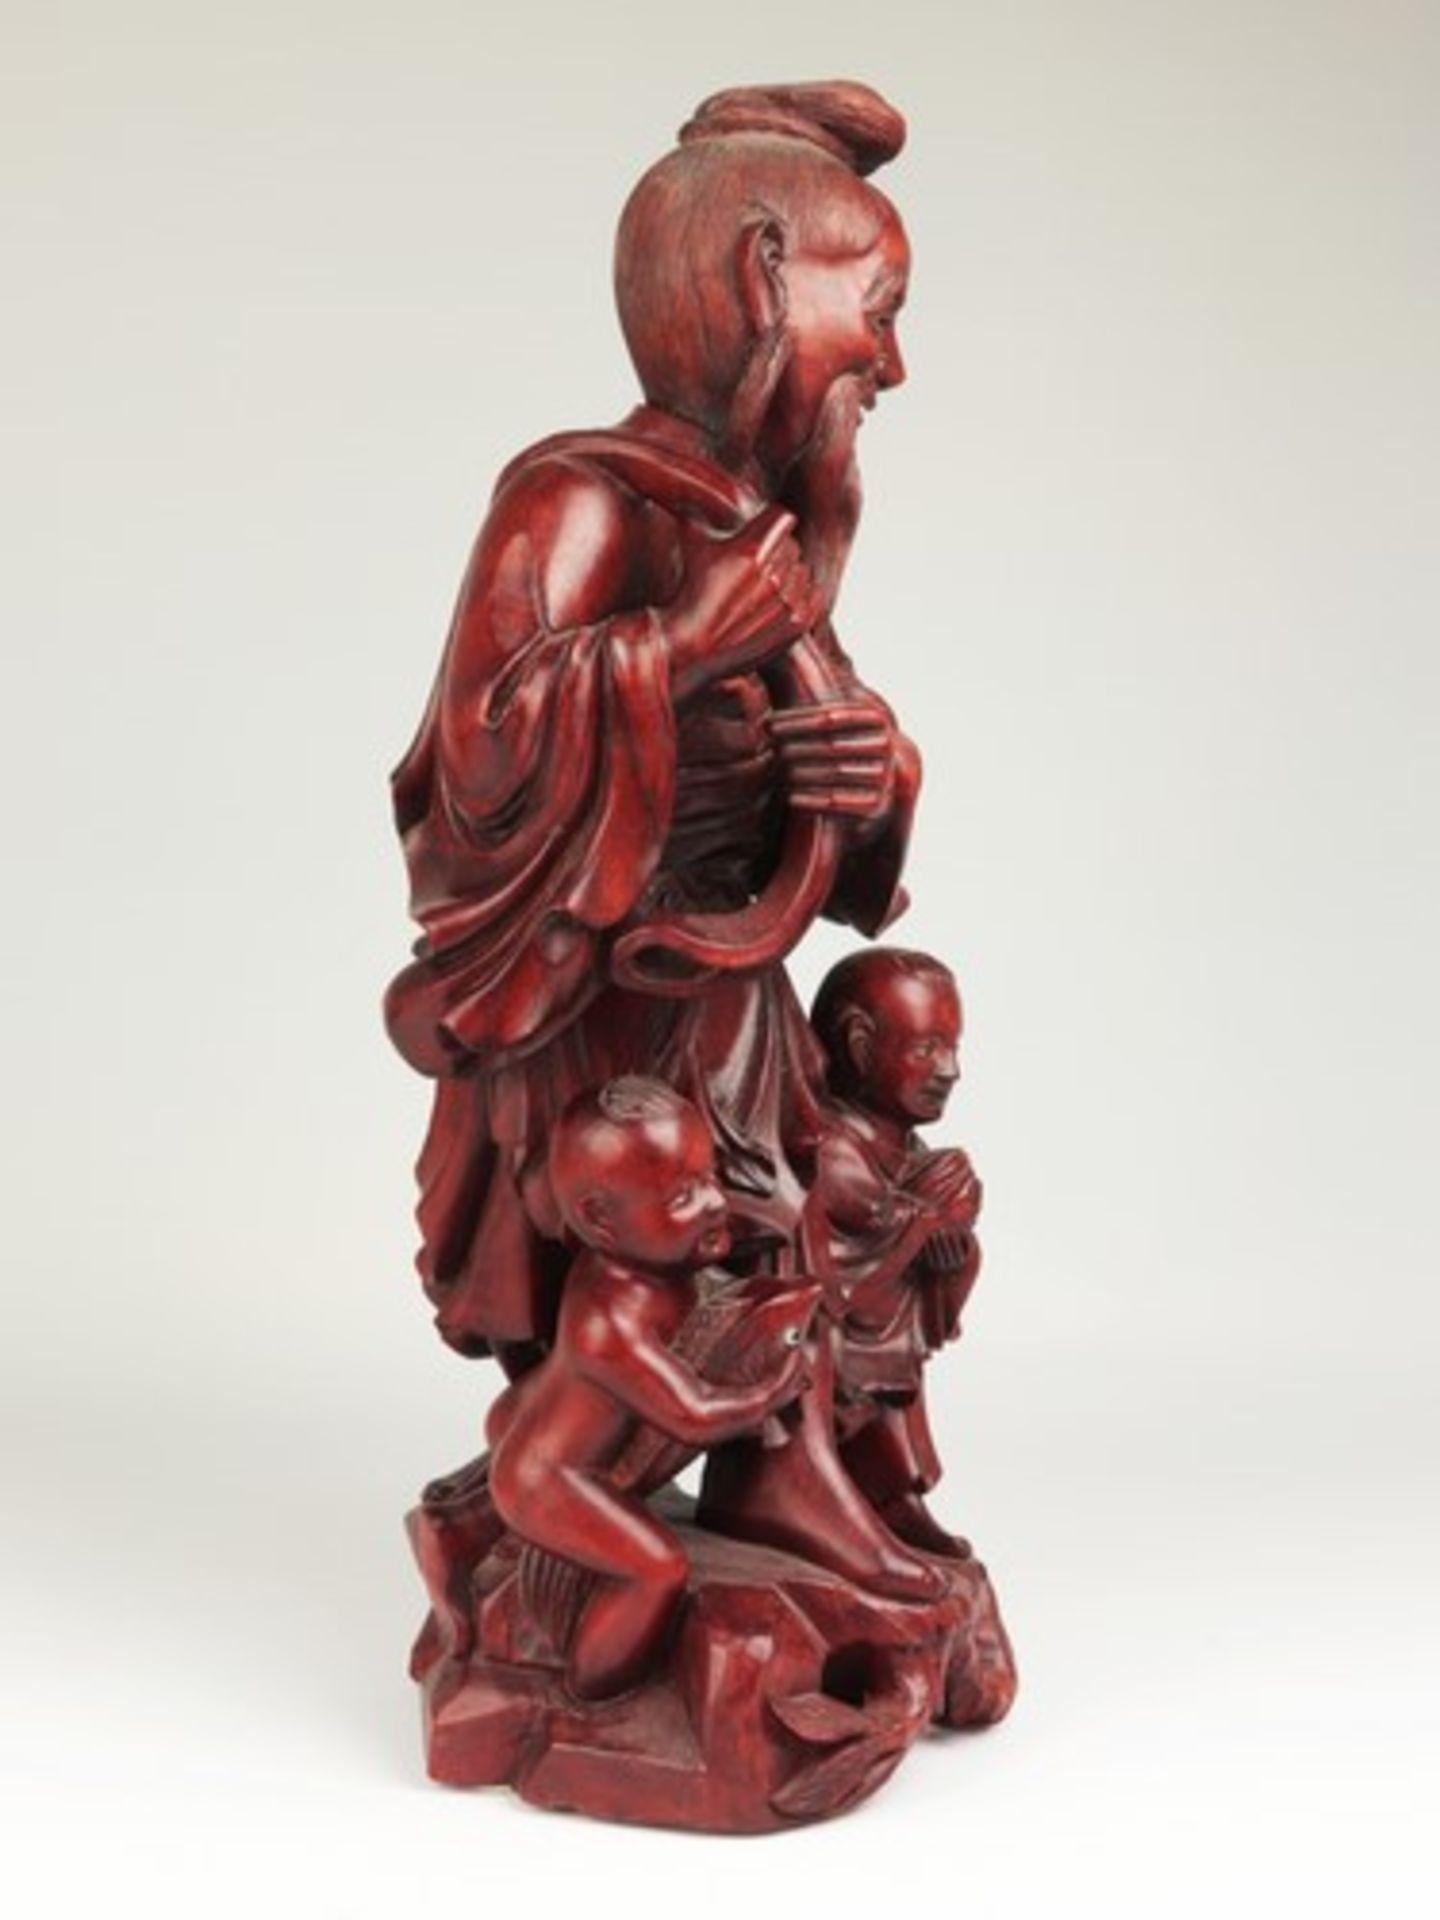 Holzfigur - China20.Jh., vollplastische Holzschnitzerei, Hartholz, Glasaugen, Fischer m. zwei - Bild 3 aus 8